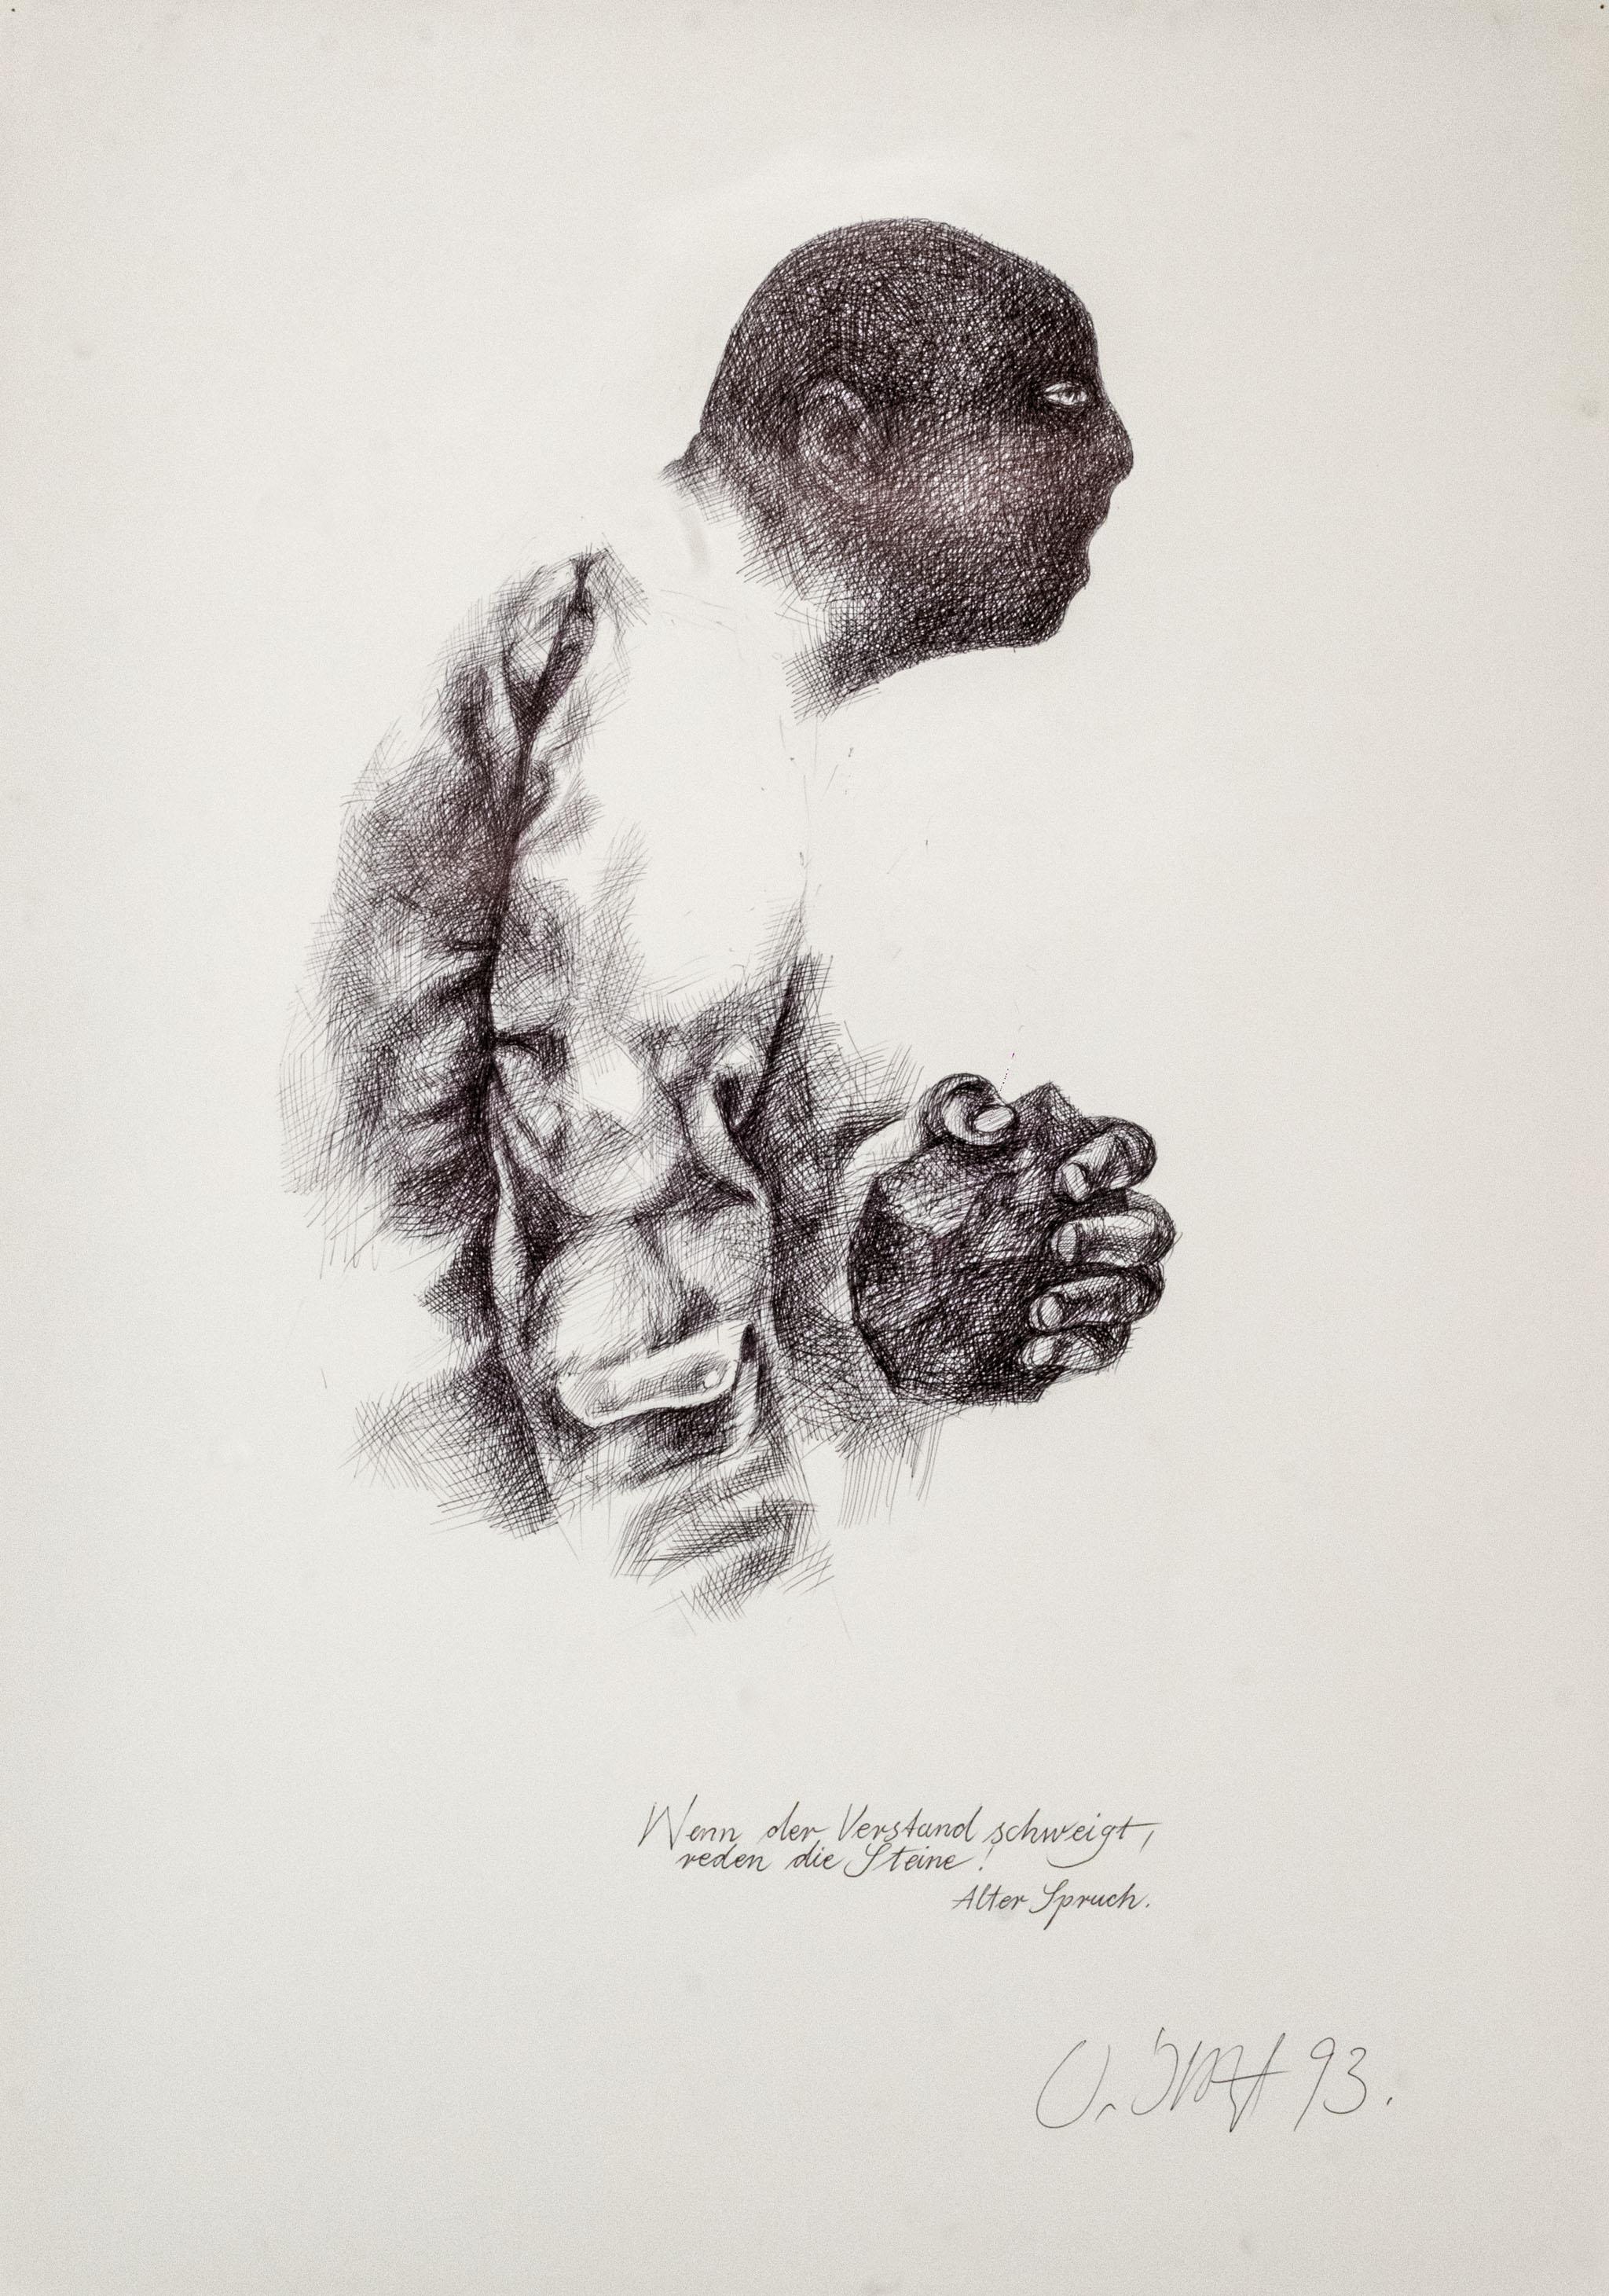 """Werner Juza, """"Wenn der Verstand schweigt"""", 1993; Kugelschreiber auf Papier, 43 x 60,7 cm Film- und Fotoaufnahmen zur Ausstellung: René Plaul, Foto © ORLA e.V."""